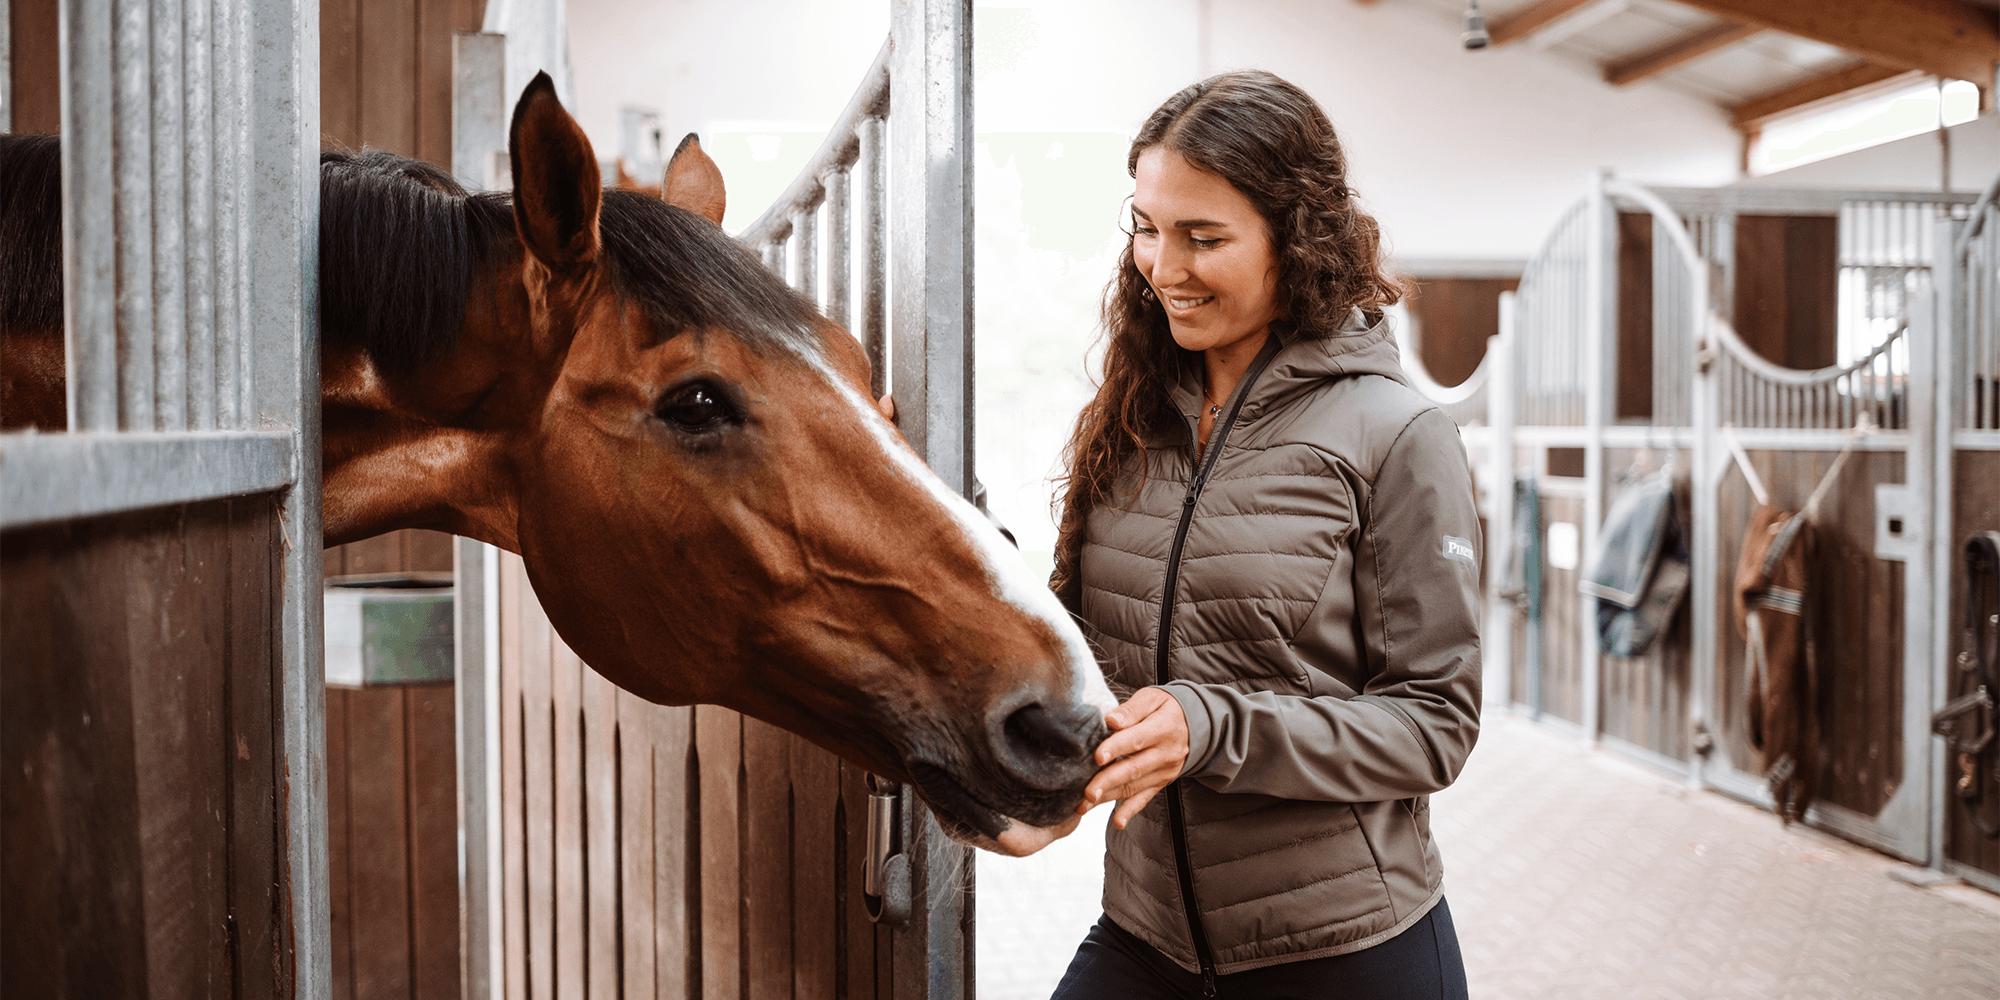 Die Grundausstattung für das Pferd